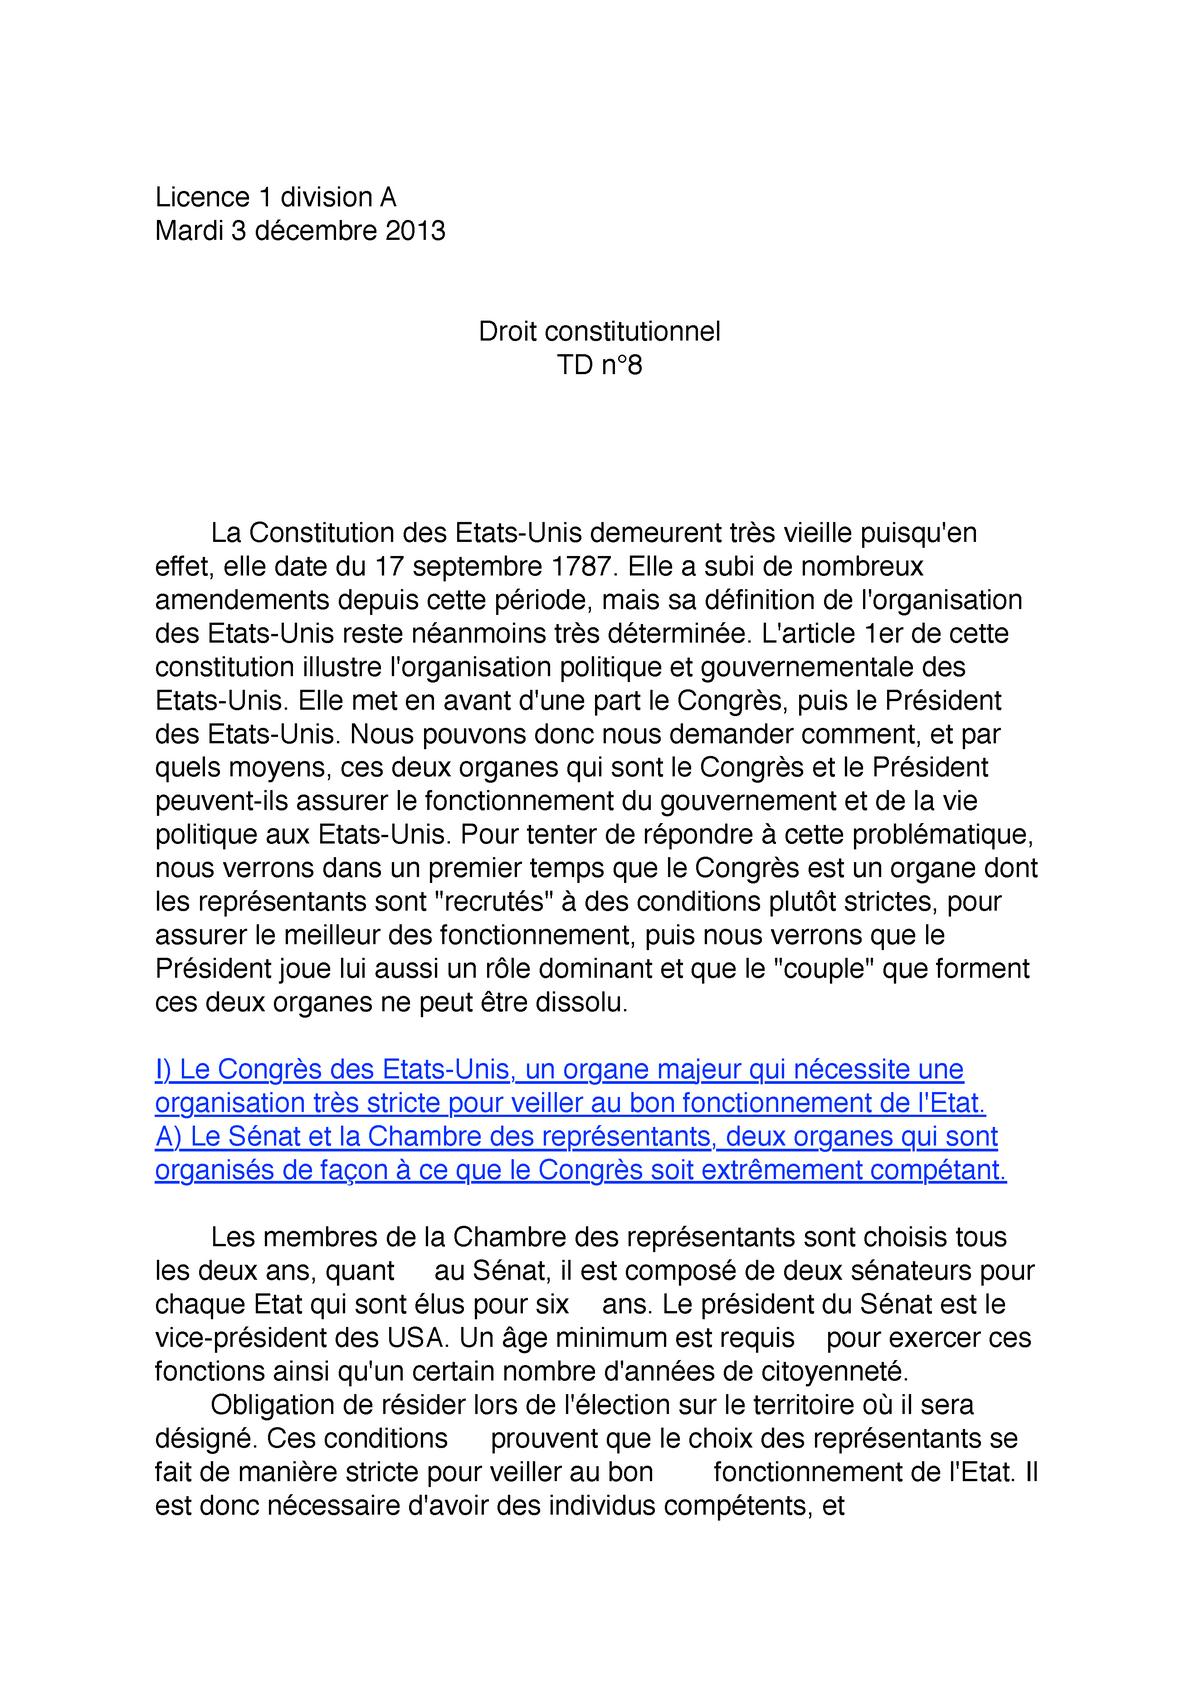 Td N 8 Droit Constitutionnel Dissertation Le Regime Presidentiel Exemple De Usa Studocu Separation Pouvoir